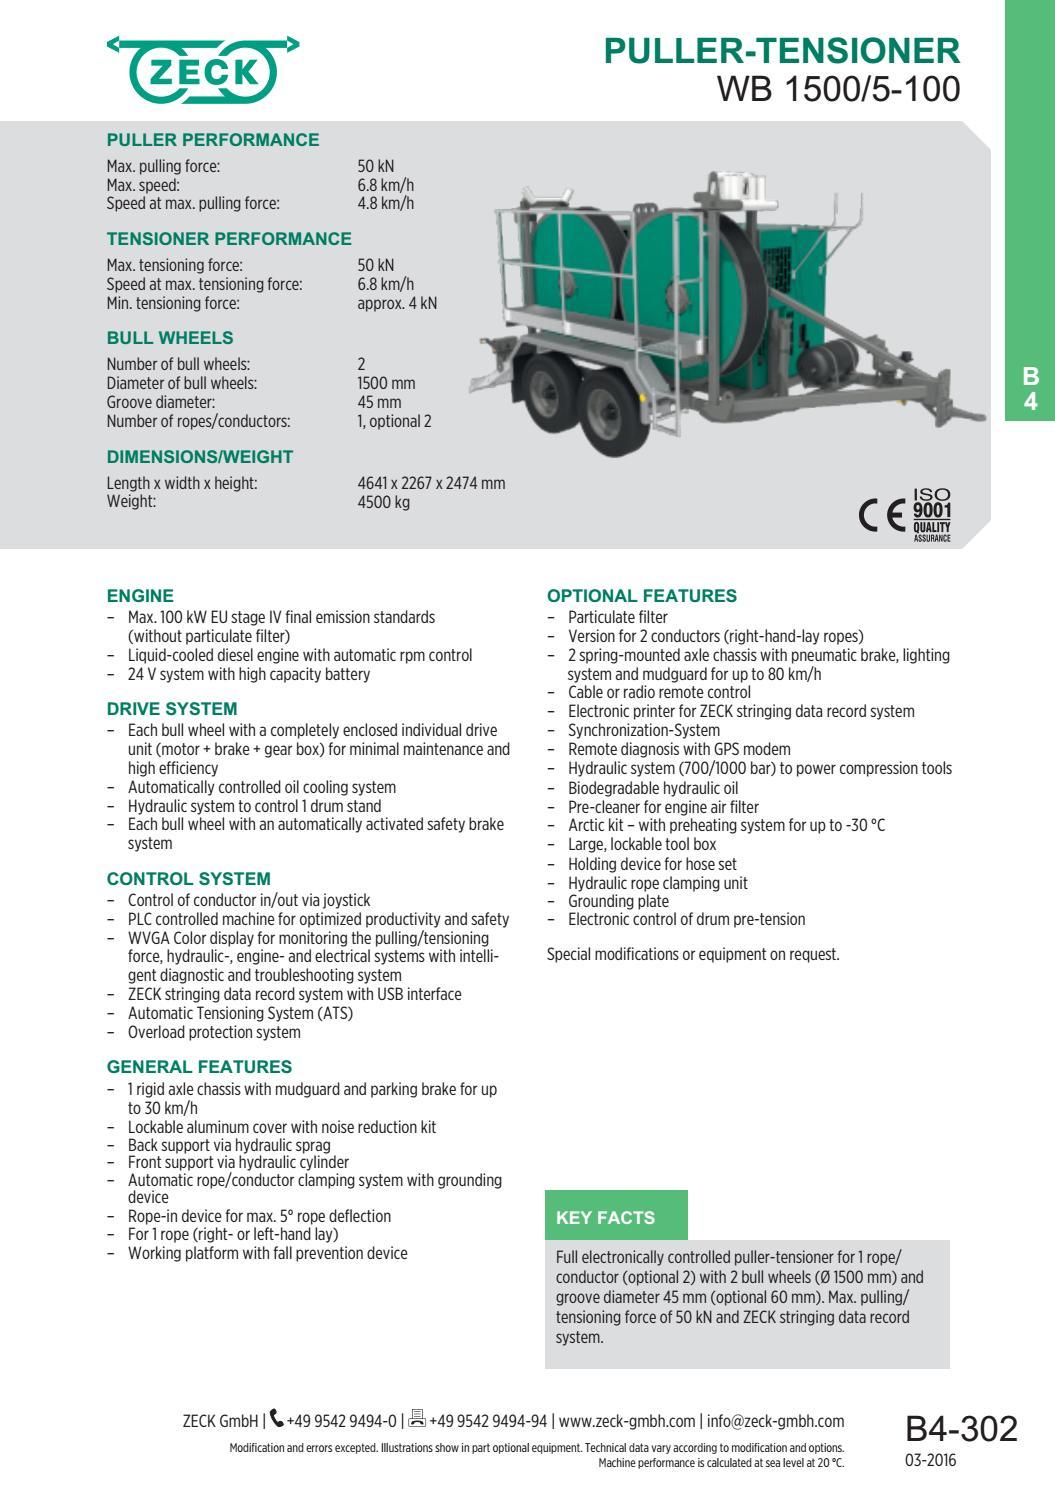 Puller Tensioner WB 1500/5-100 (EN) by ZECK GmbH - issuu